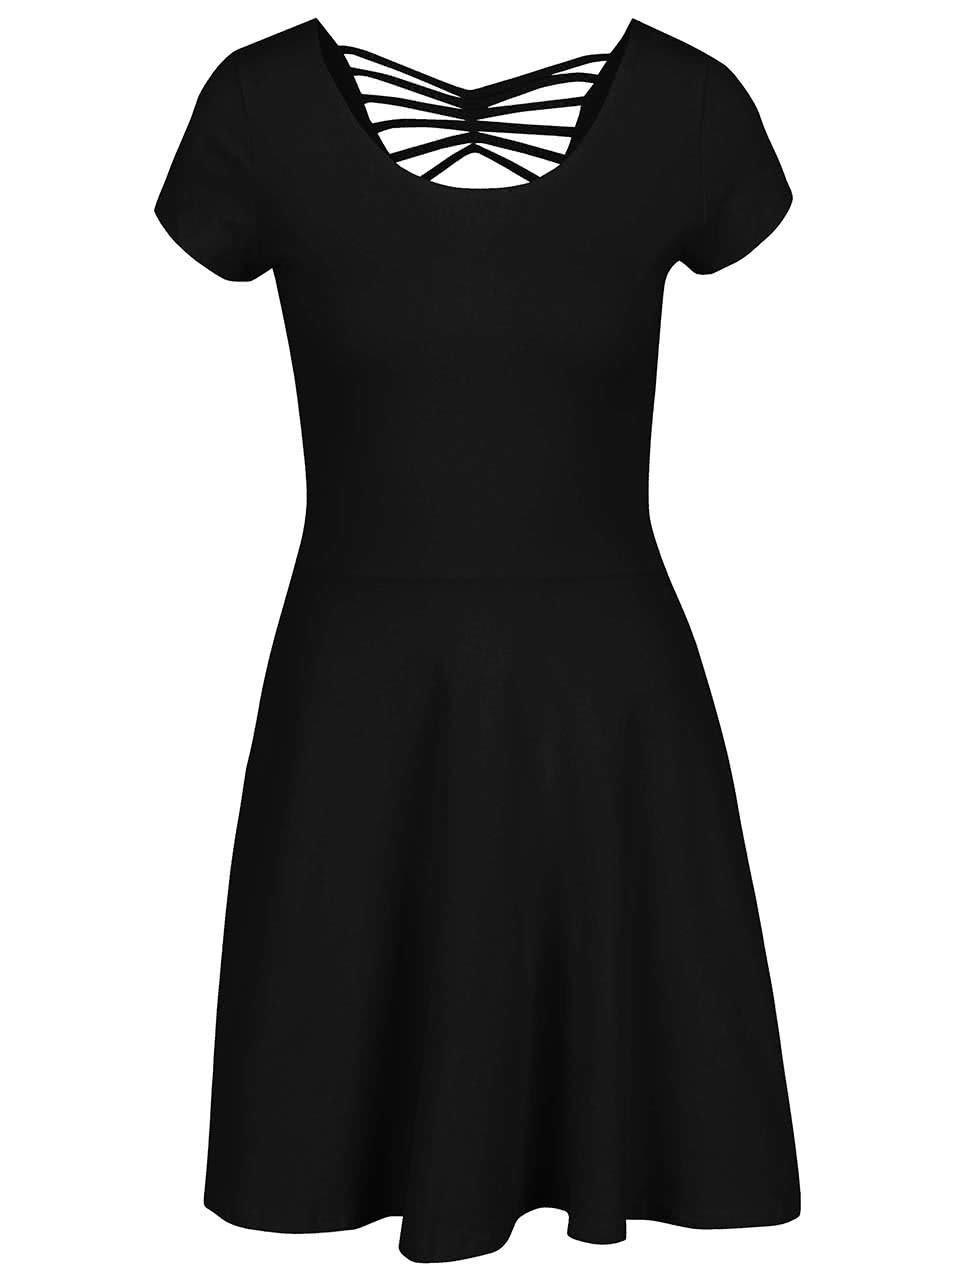 Černé šaty s pásky na zádech TALLY WEiJL